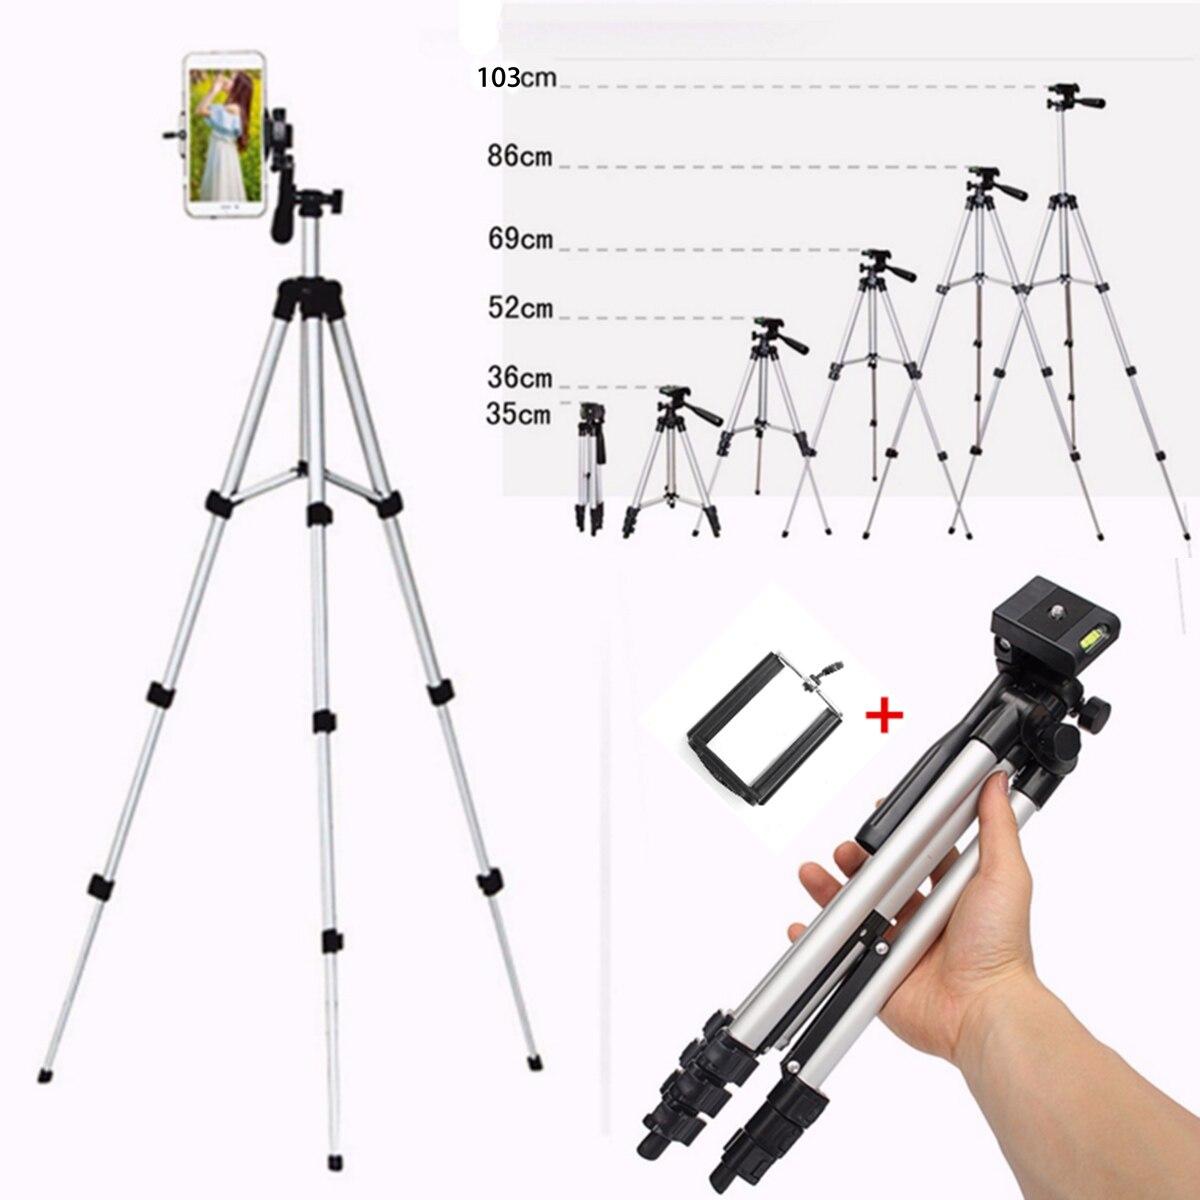 Erweiterbar Mobilen Smartphone Digital Kamera Stativ Halterung Halter Clip Set Für Nikon für Canon für iPhone 6 6s 7